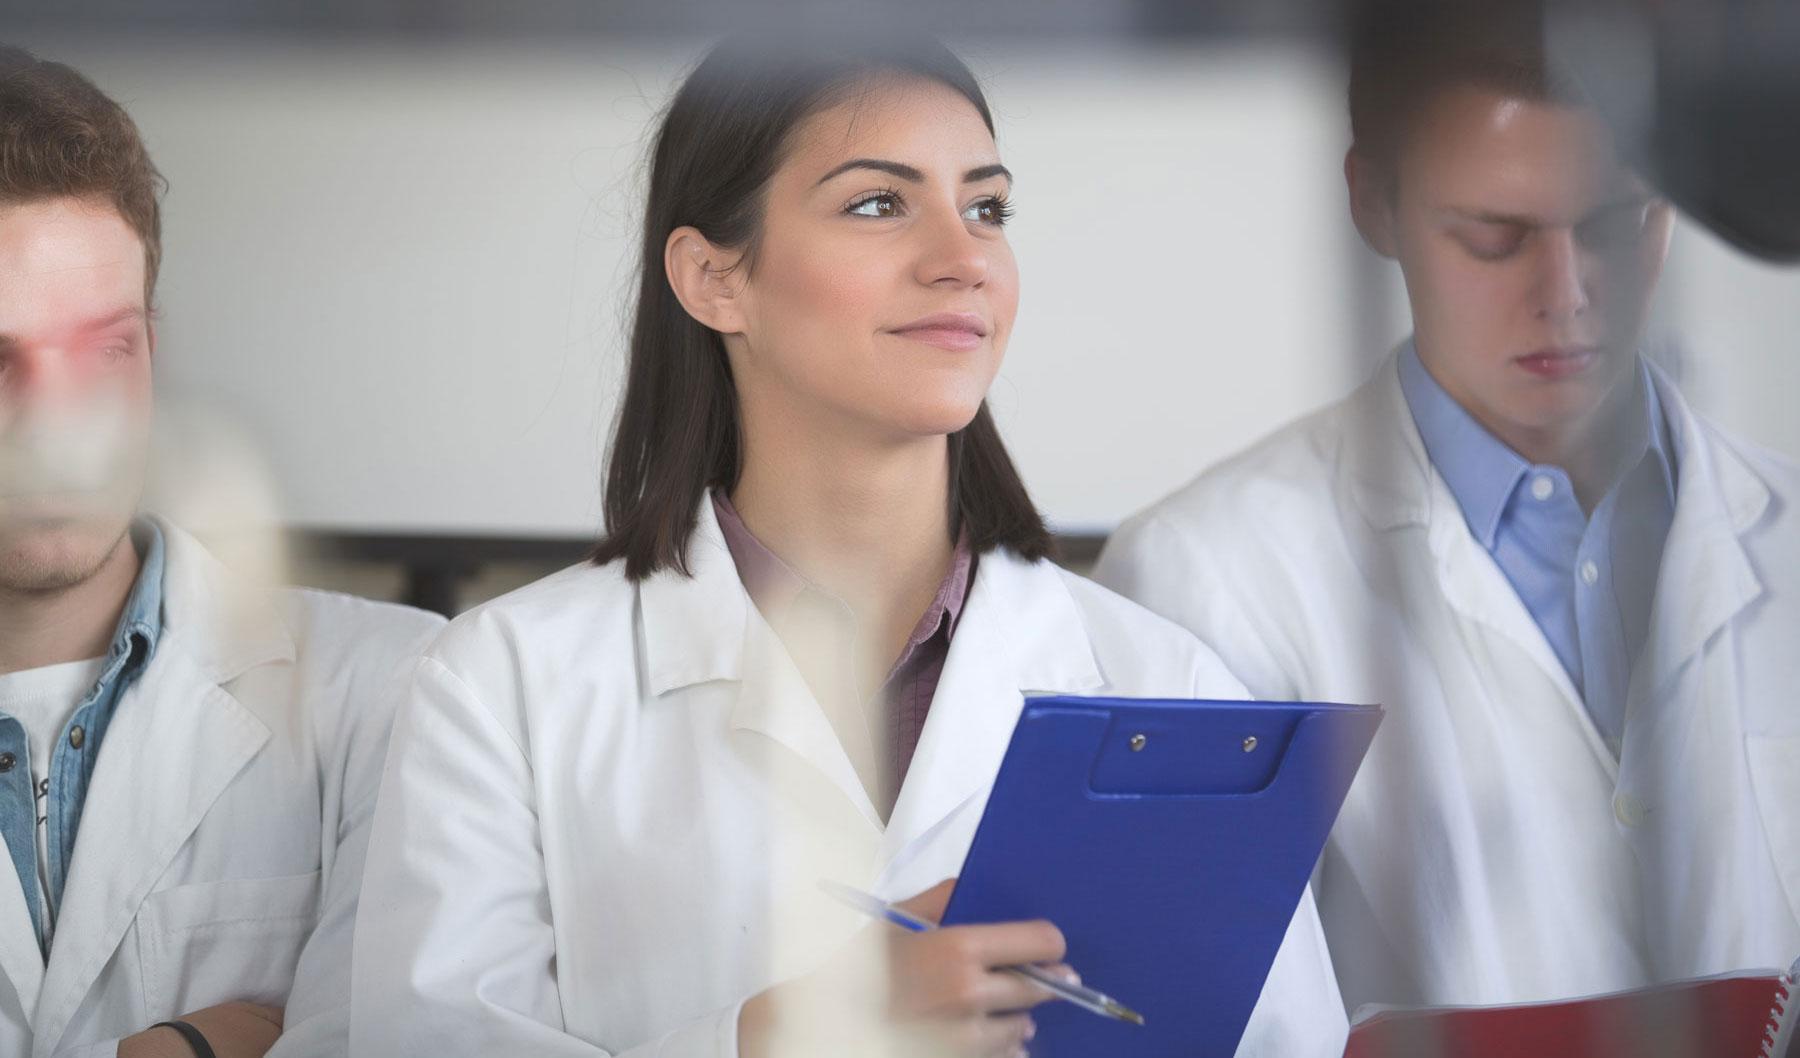 Les stagiaires infirmiers, médicaux et paramédicaux plus que jamais bienvenus dans les hôpitaux et les maisons de repos